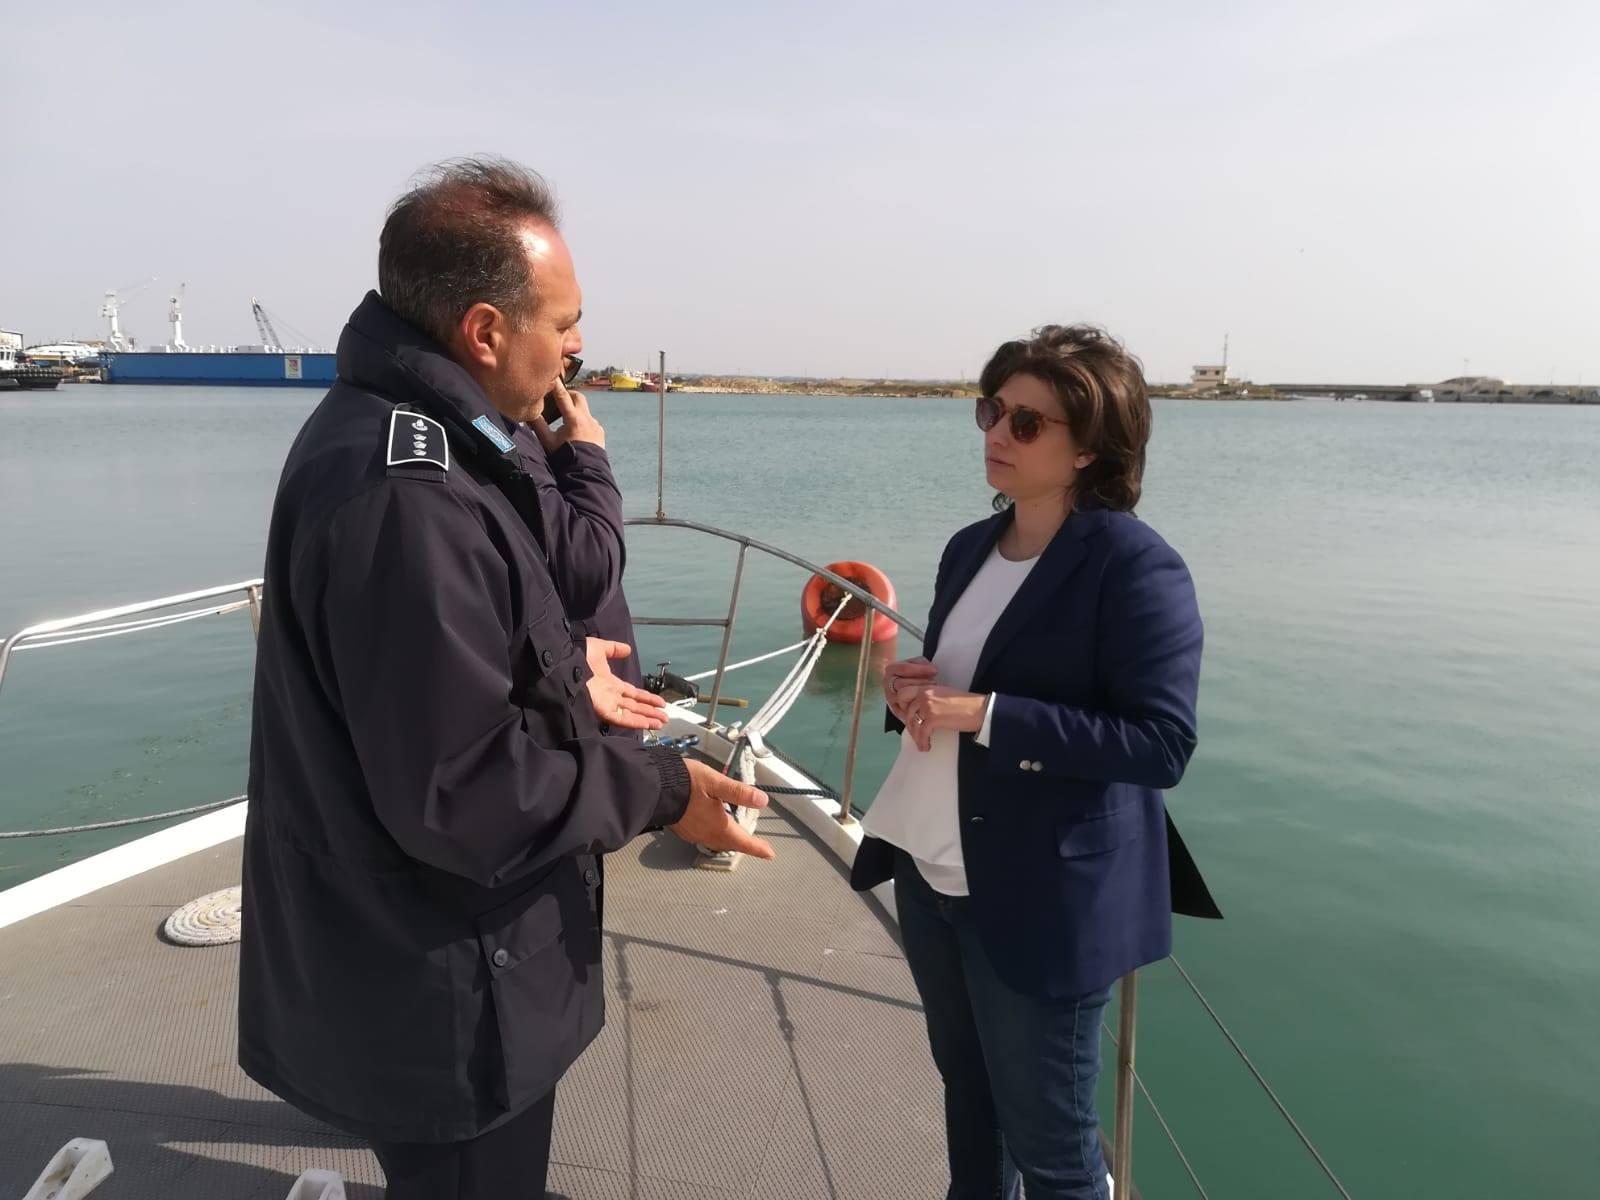 Ispezione presso la motovedetta della capitaneria di Trapani